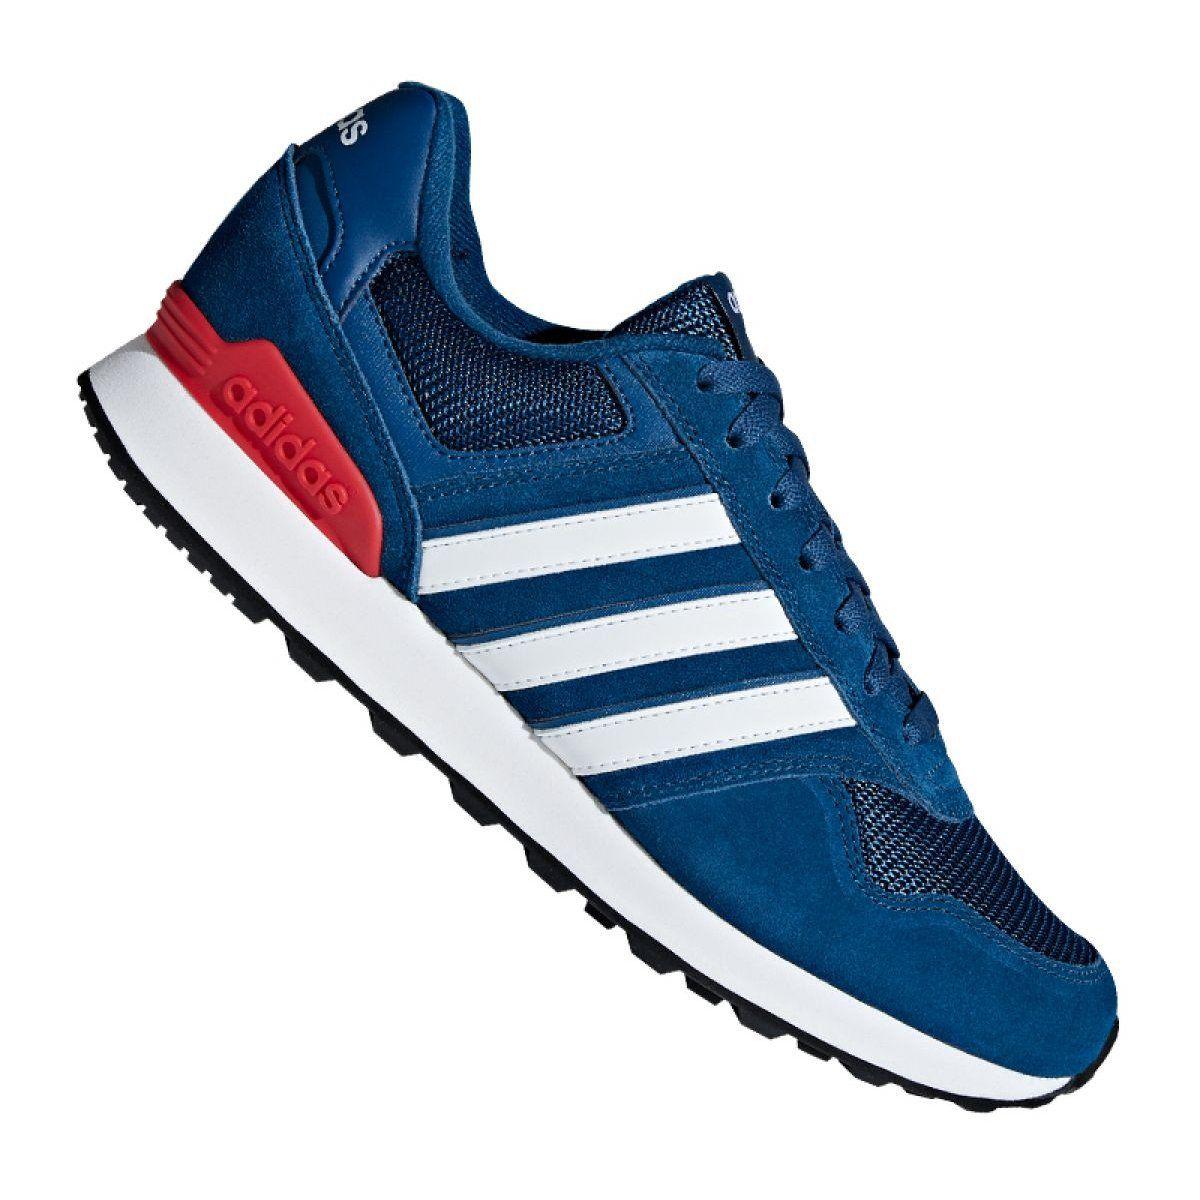 Buty Adidas 10k M F34458 Granatowe Sports Shoes Adidas Adidas Suede Design